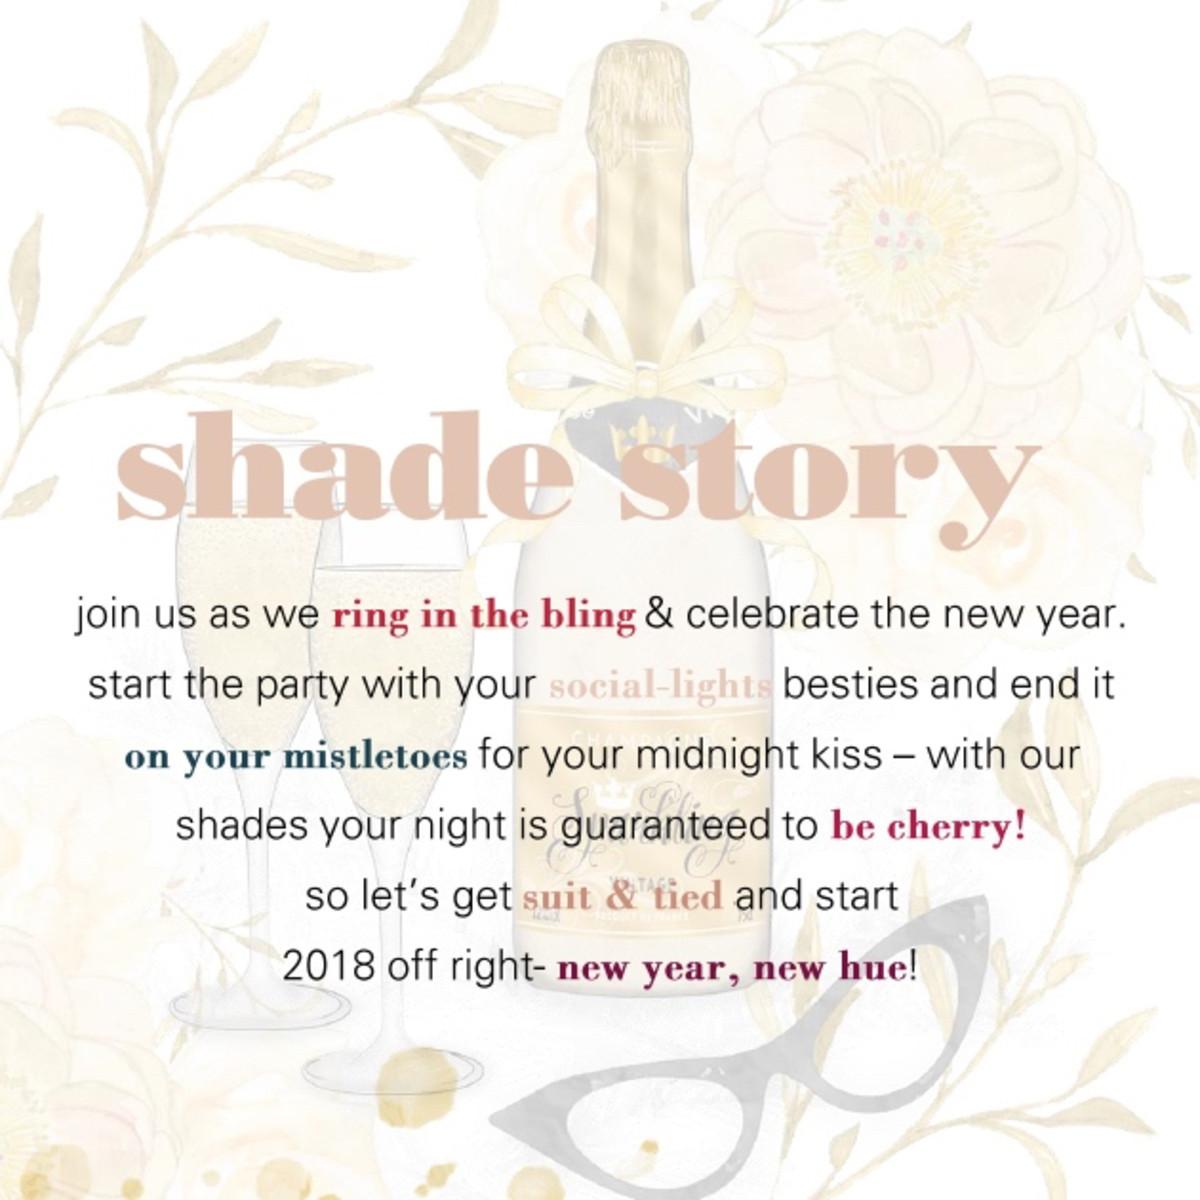 Essie Winter 2017 Shade Story